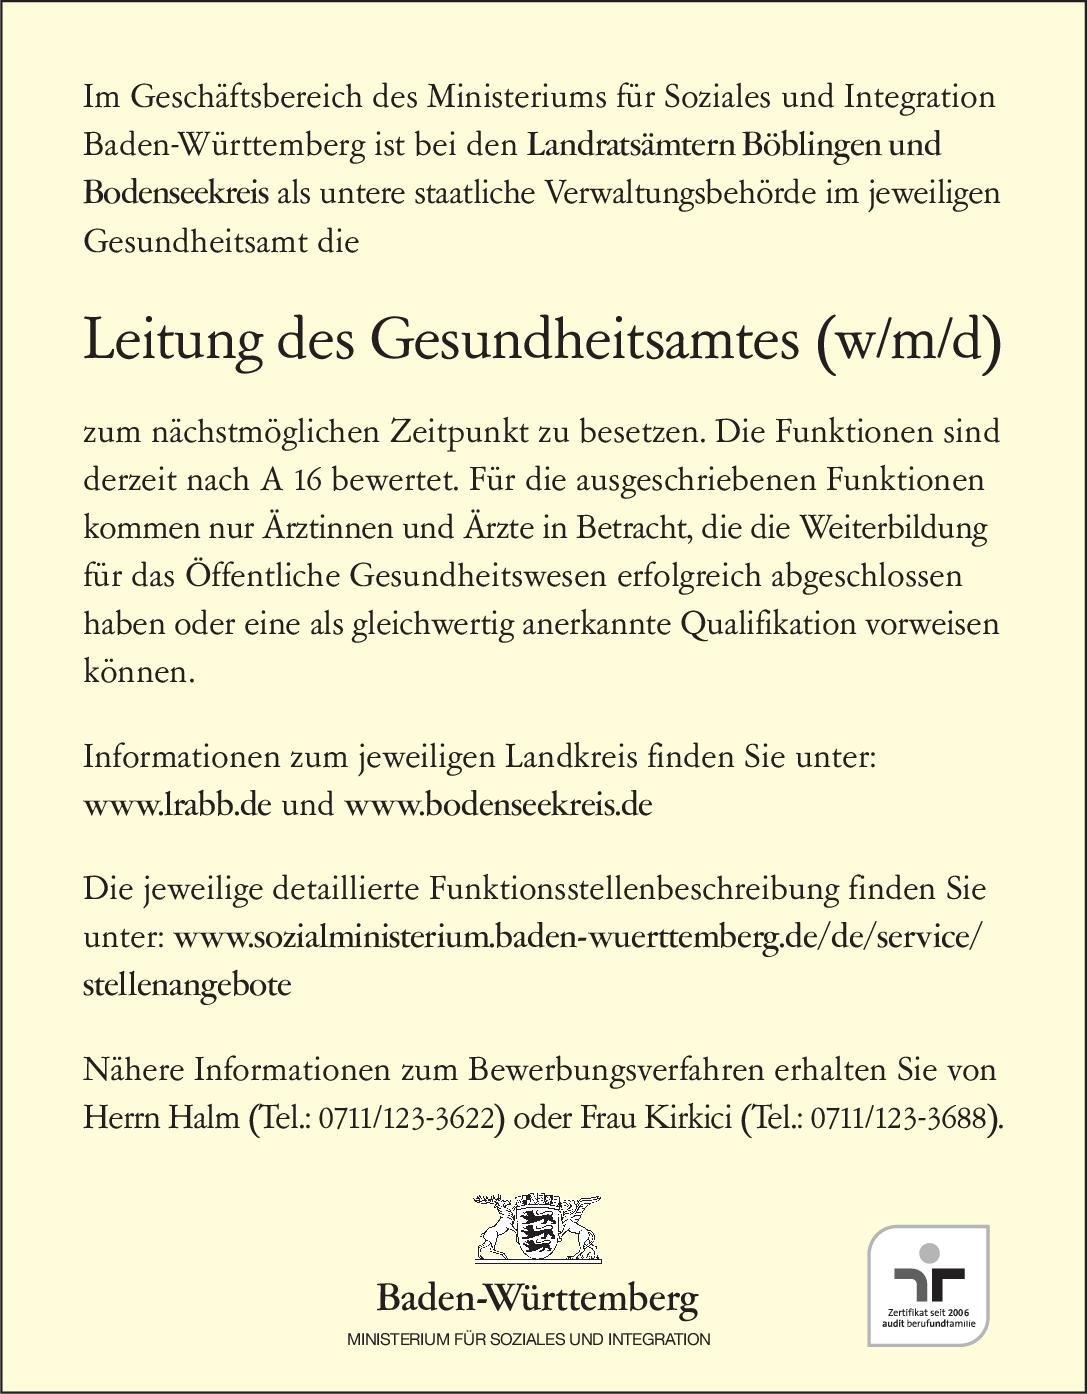 Ministerium für Soziales und Integration Baden-Württemberg Leitung des Gesundheitsamtes (w/m/d) Öffentliches Gesundheitswesen Arzt / Facharzt